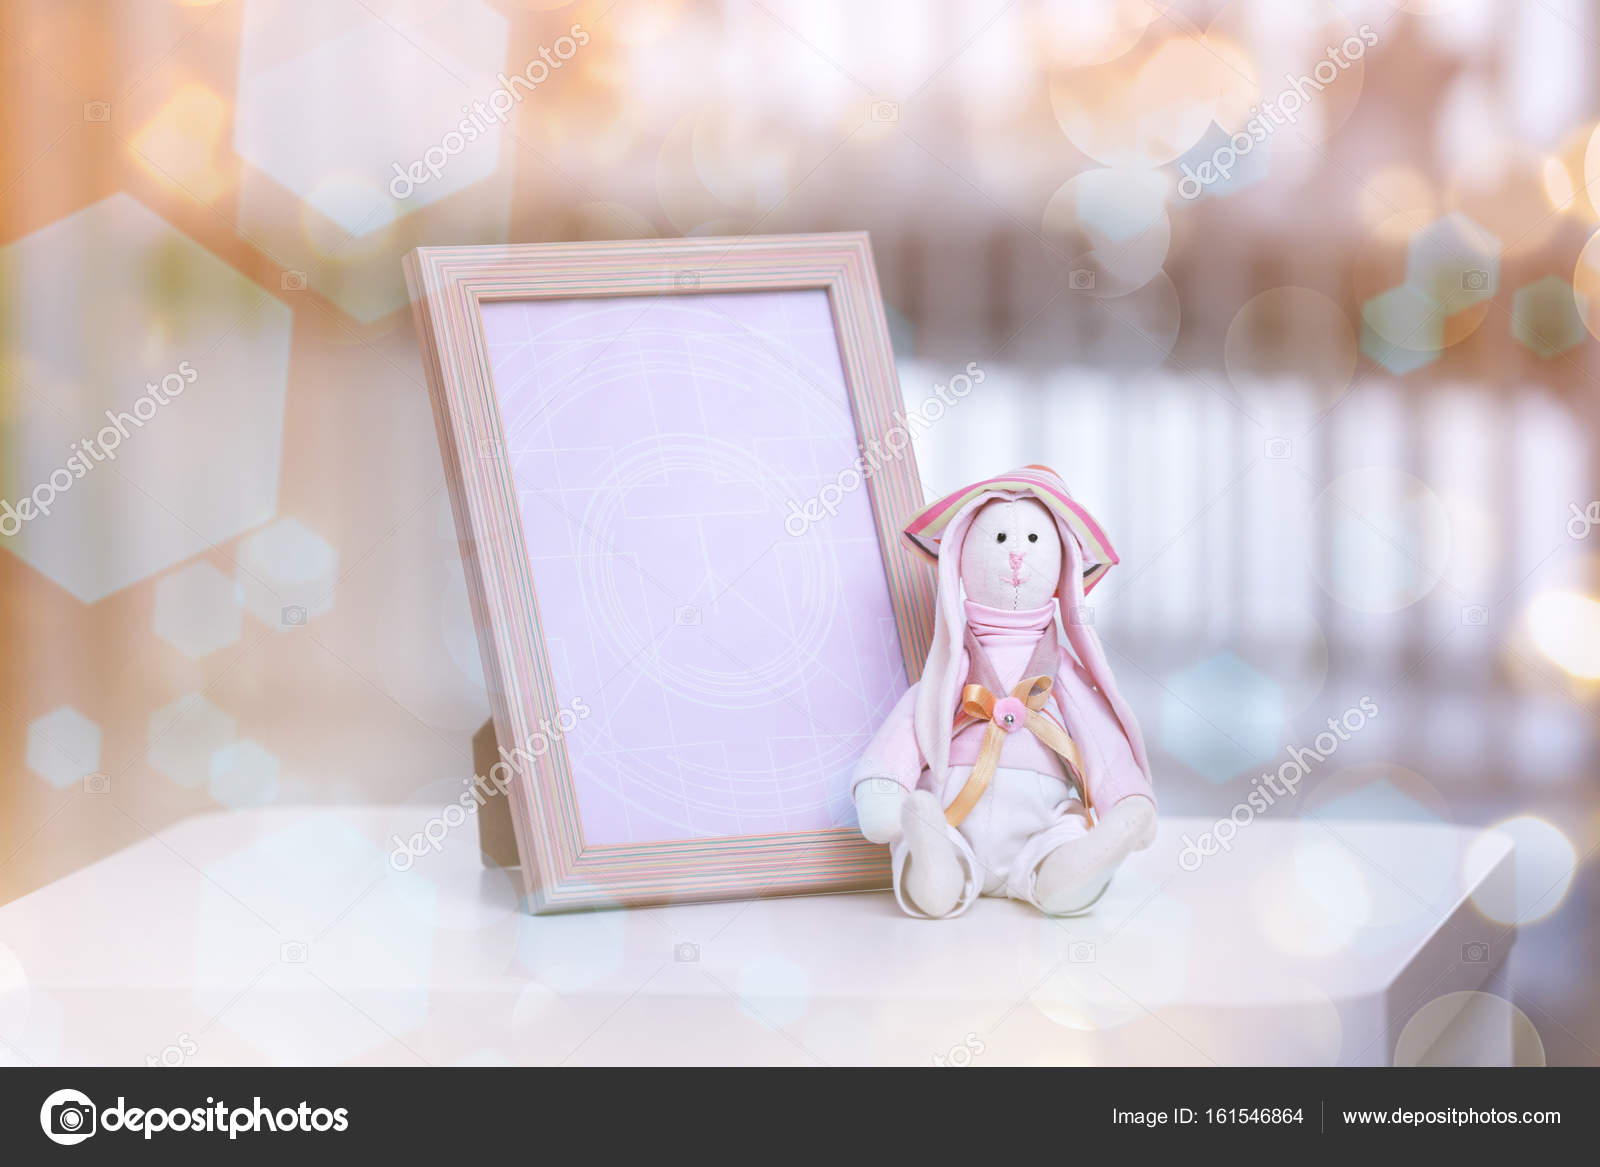 Bilderrahmen und Spielzeug für baby — Stockfoto © belchonock #161546864